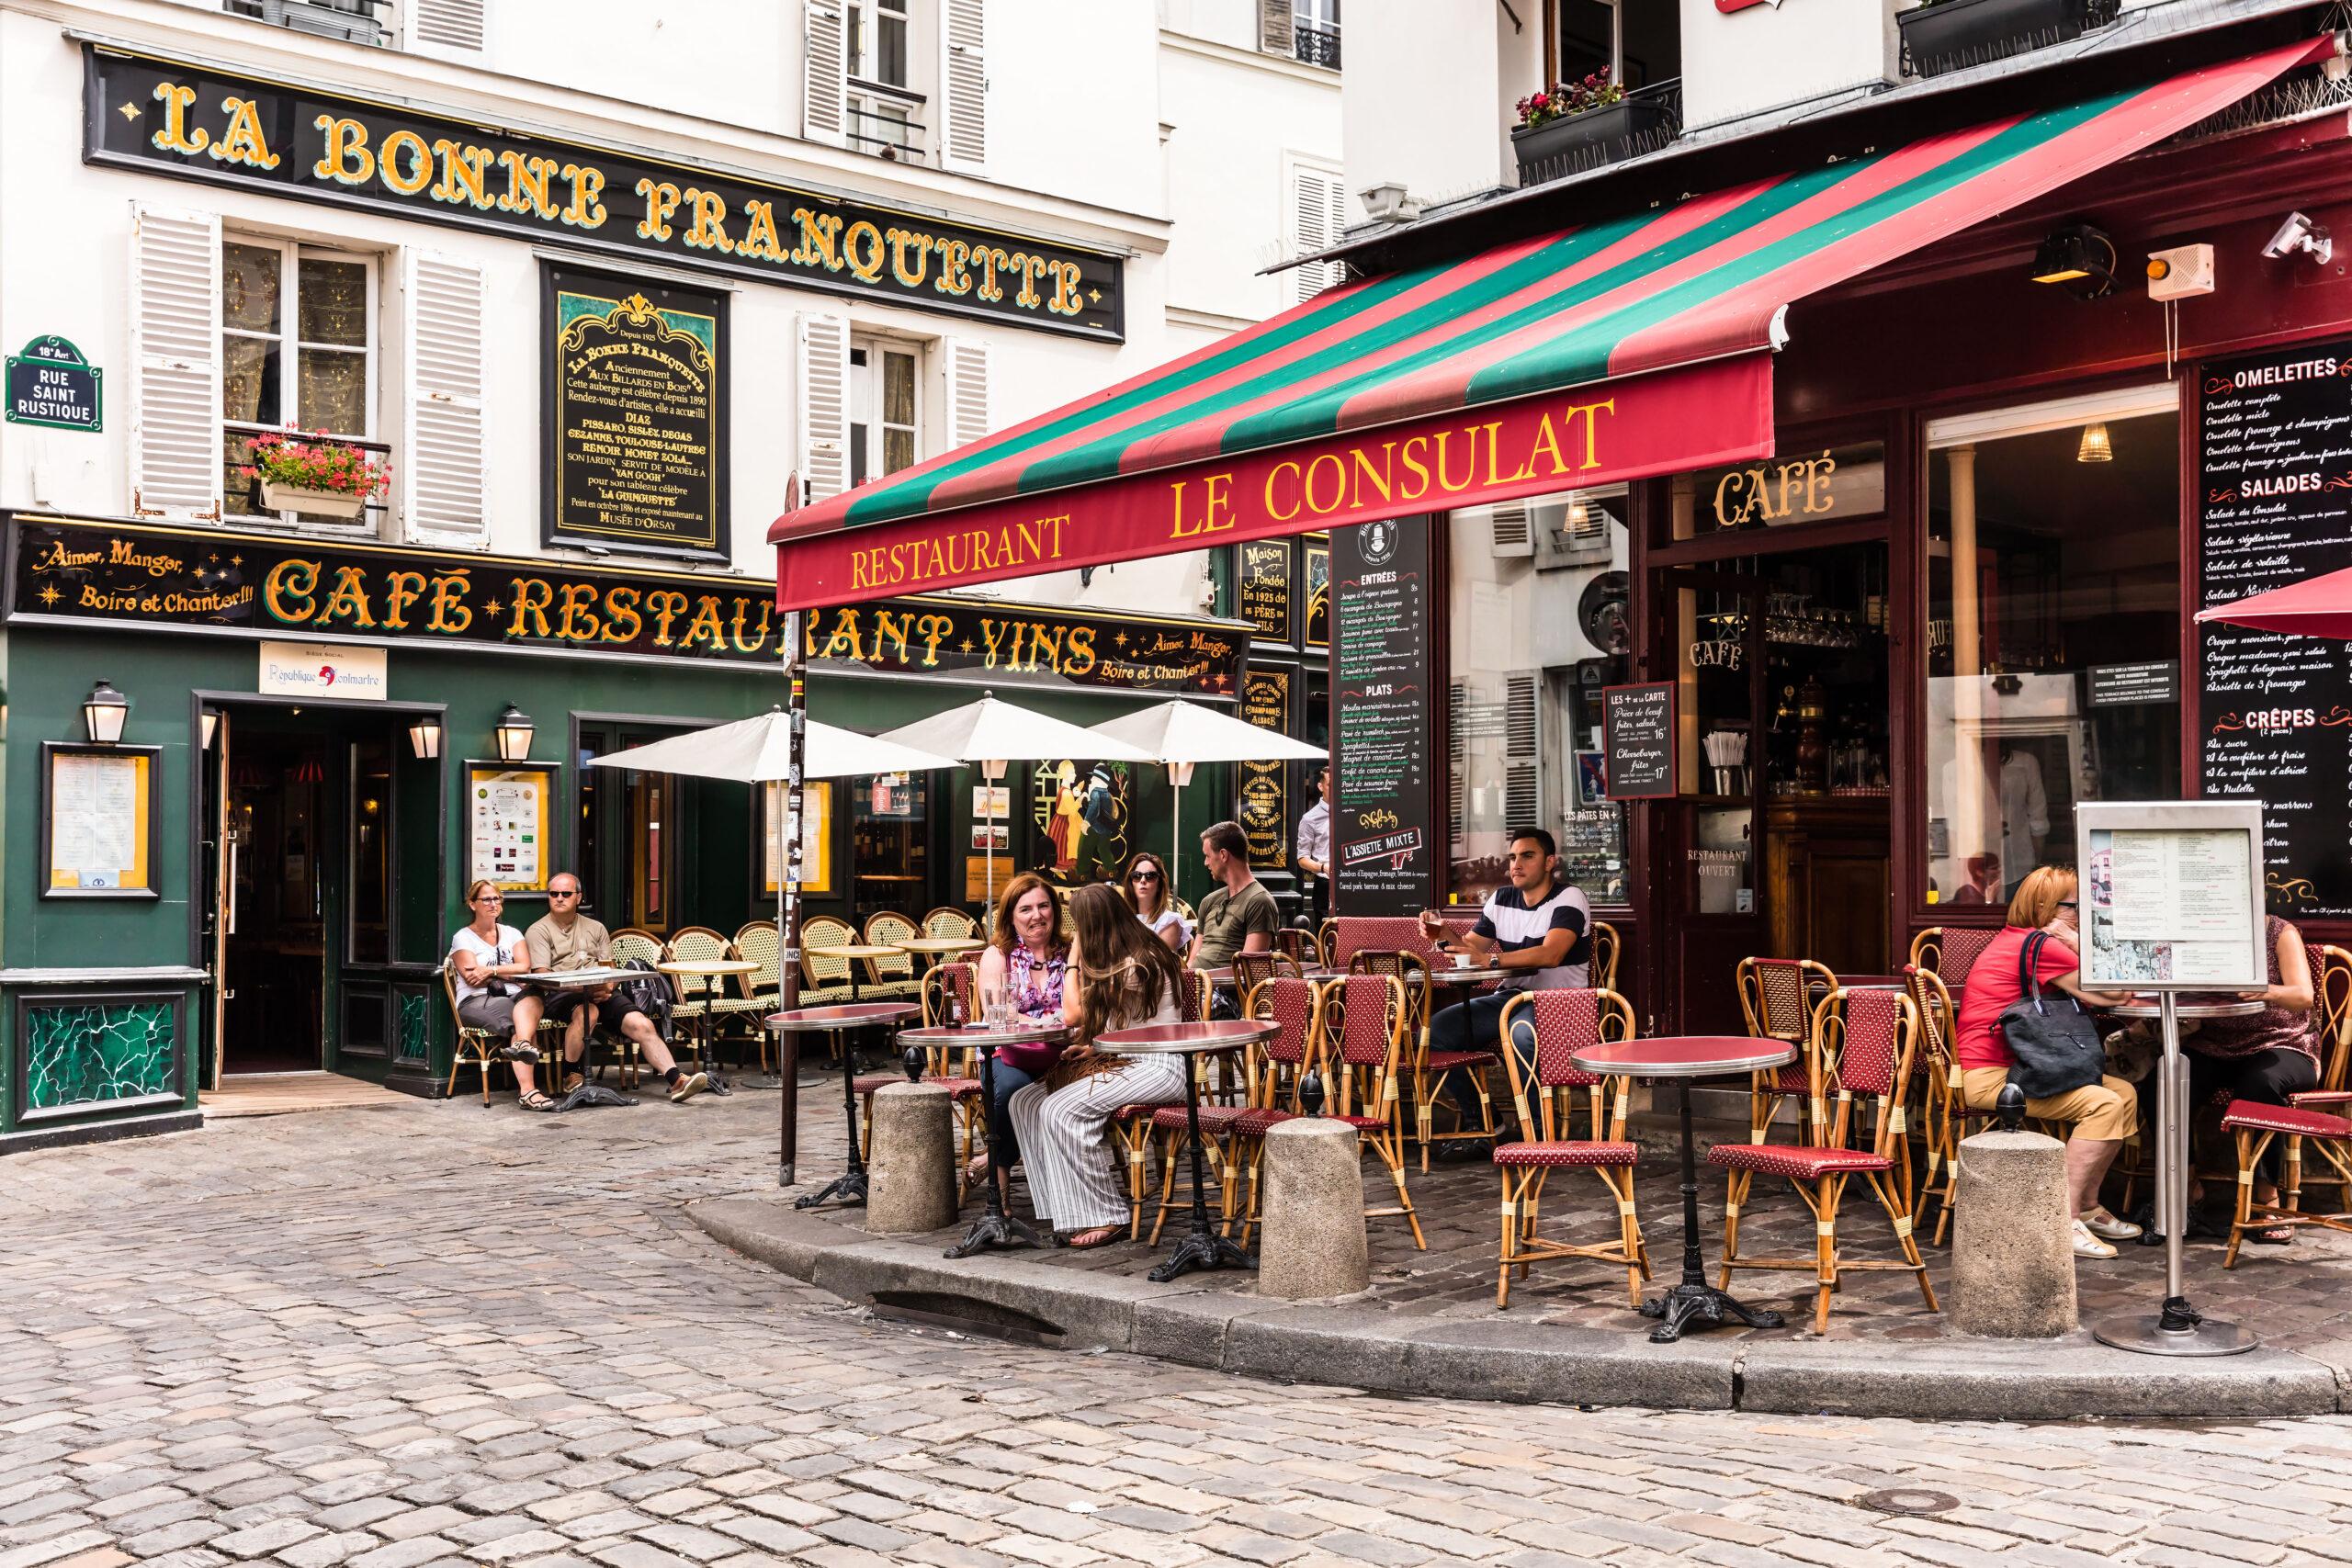 Montmartre restaurant kafe omvisning guide busstur